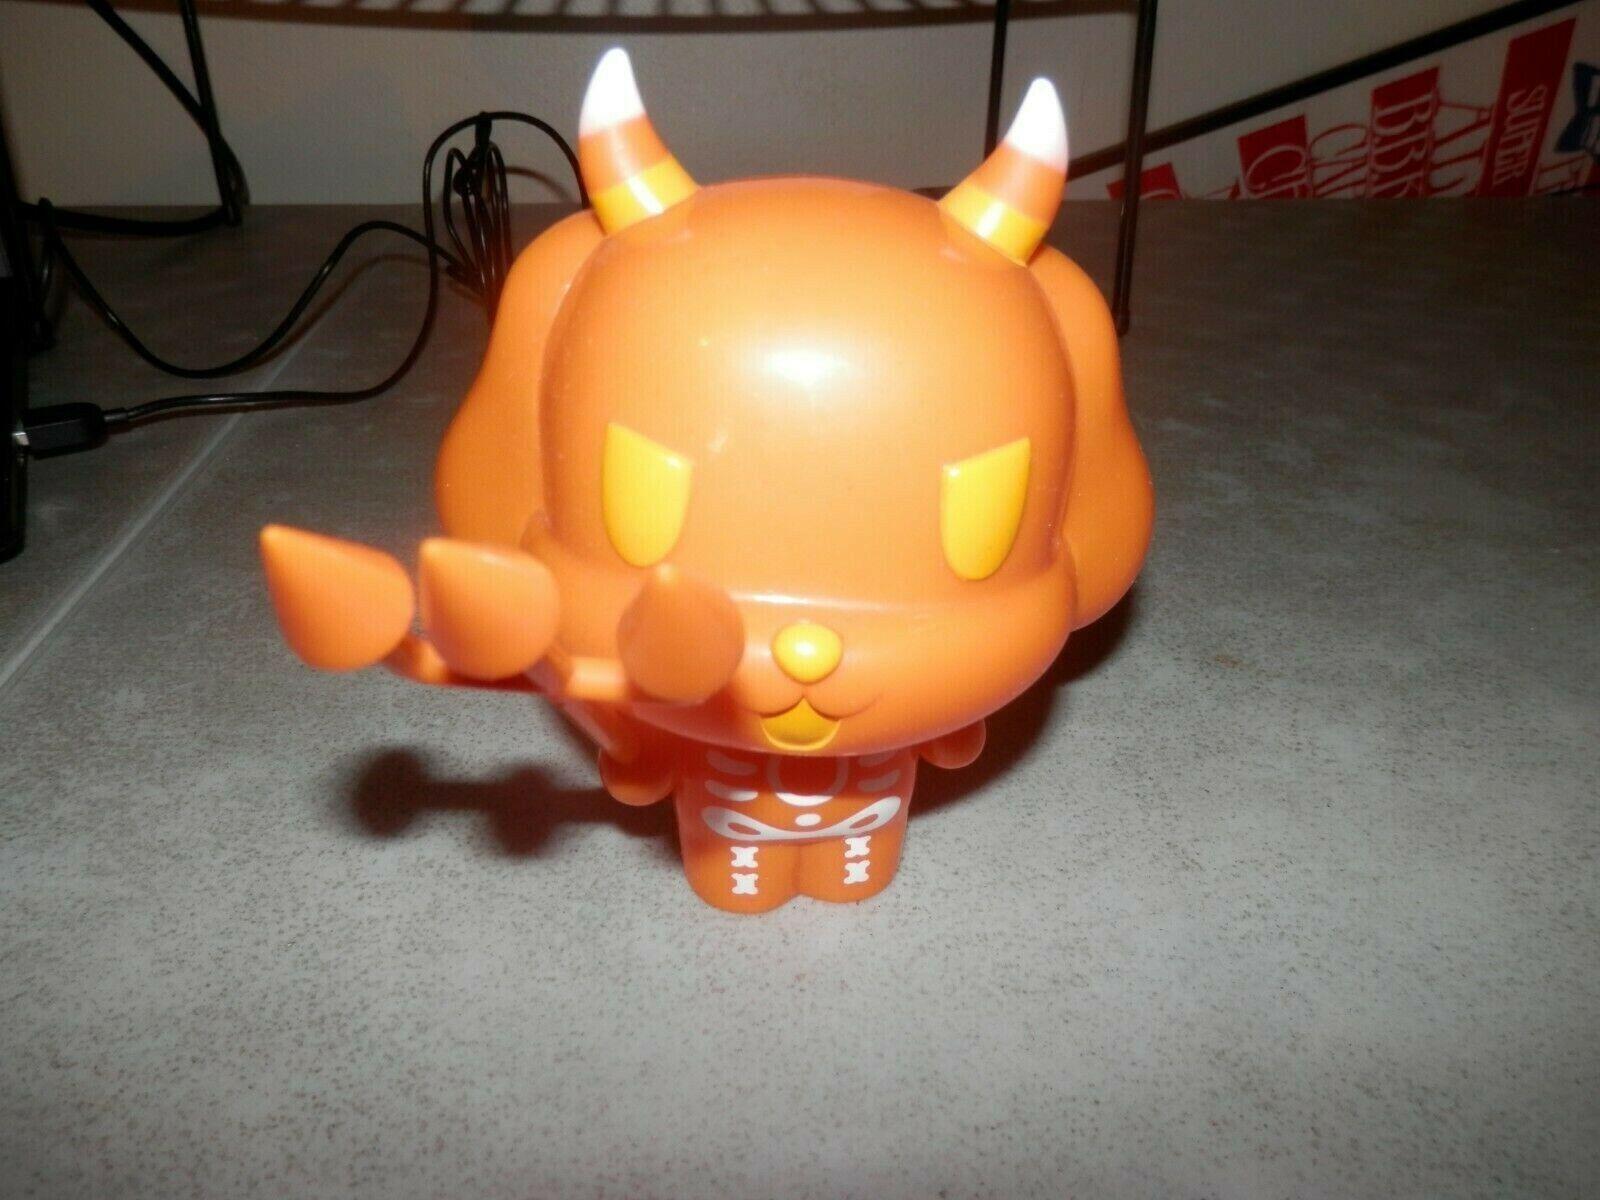 Los mejores precios y los estilos más frescos. Osaka Osaka Osaka PopEstrella diablo perro Candy Corn Halloween Vinilo Figura de juguete rara secreta base  apresurado a ver